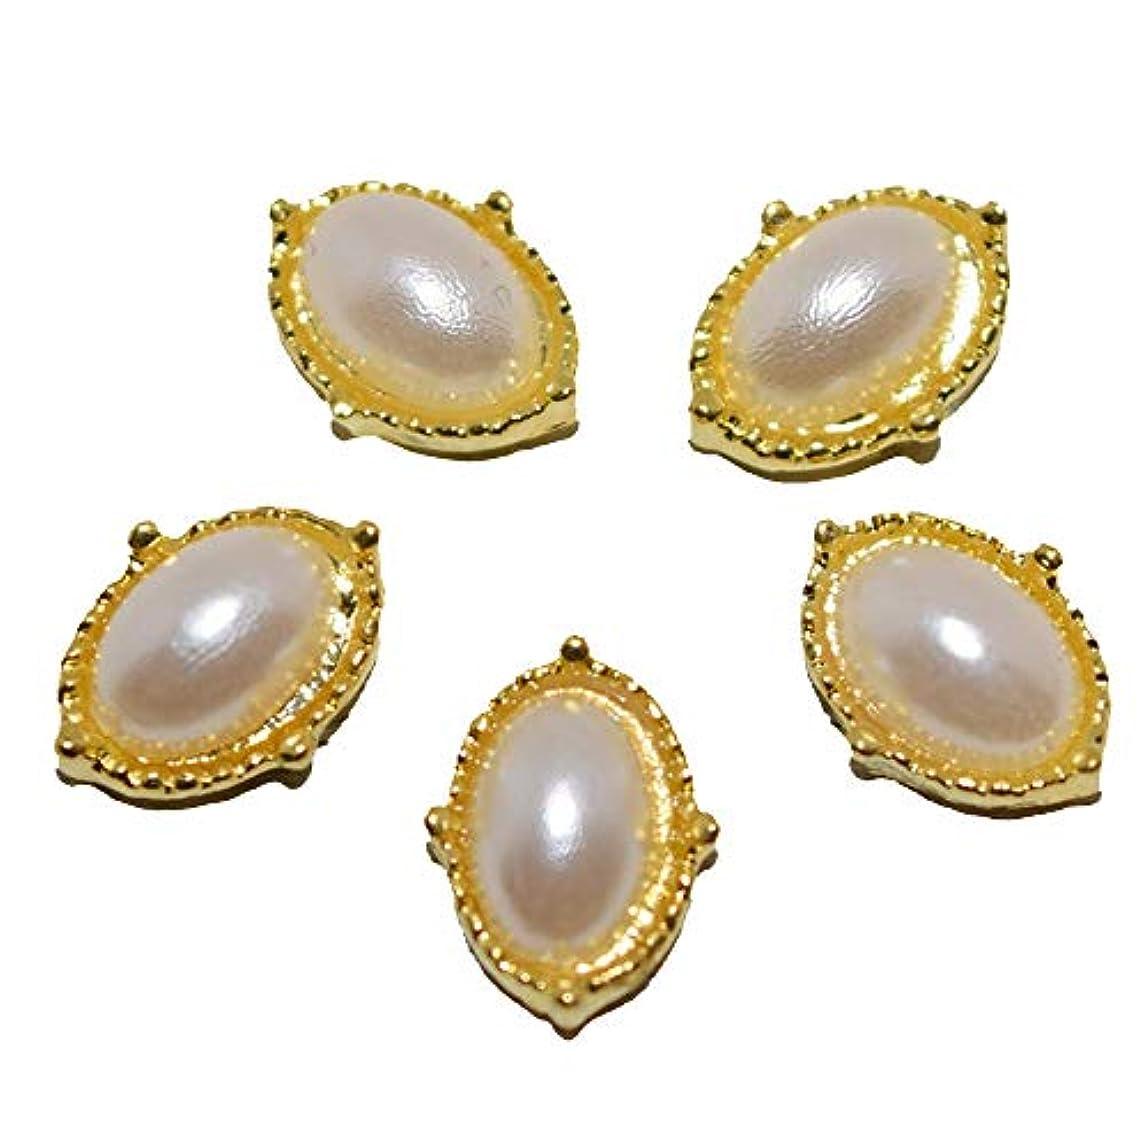 ボウルティッシュと組む10個入り金馬の目の真珠3Dネイルアートの装飾合金ネイルチャームネイルズラインストーン用品